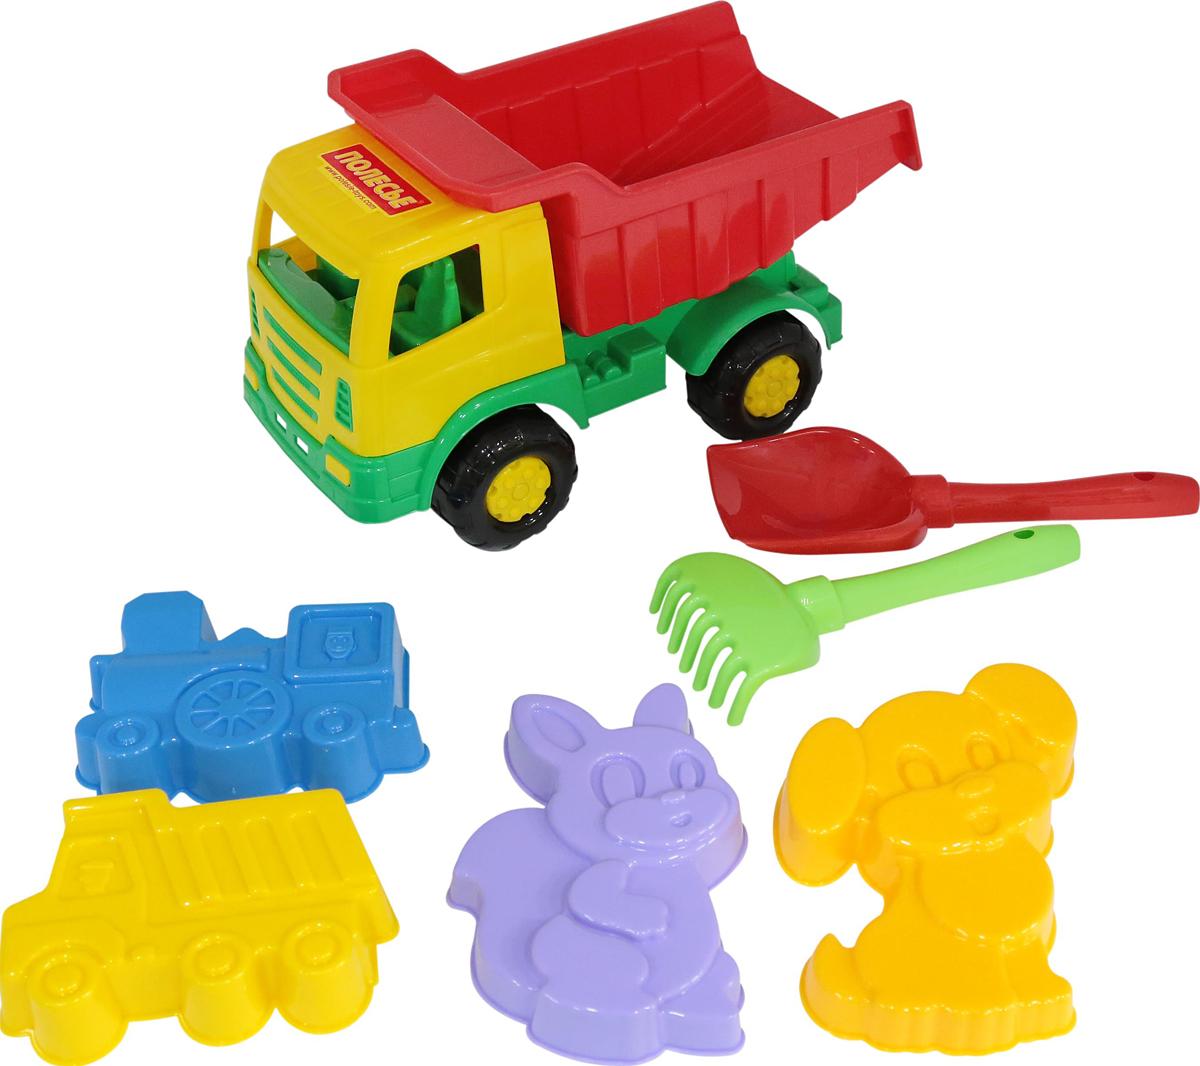 Полесье Набор игрушек для песочницы №184 Мираж полесье набор для песочницы 340